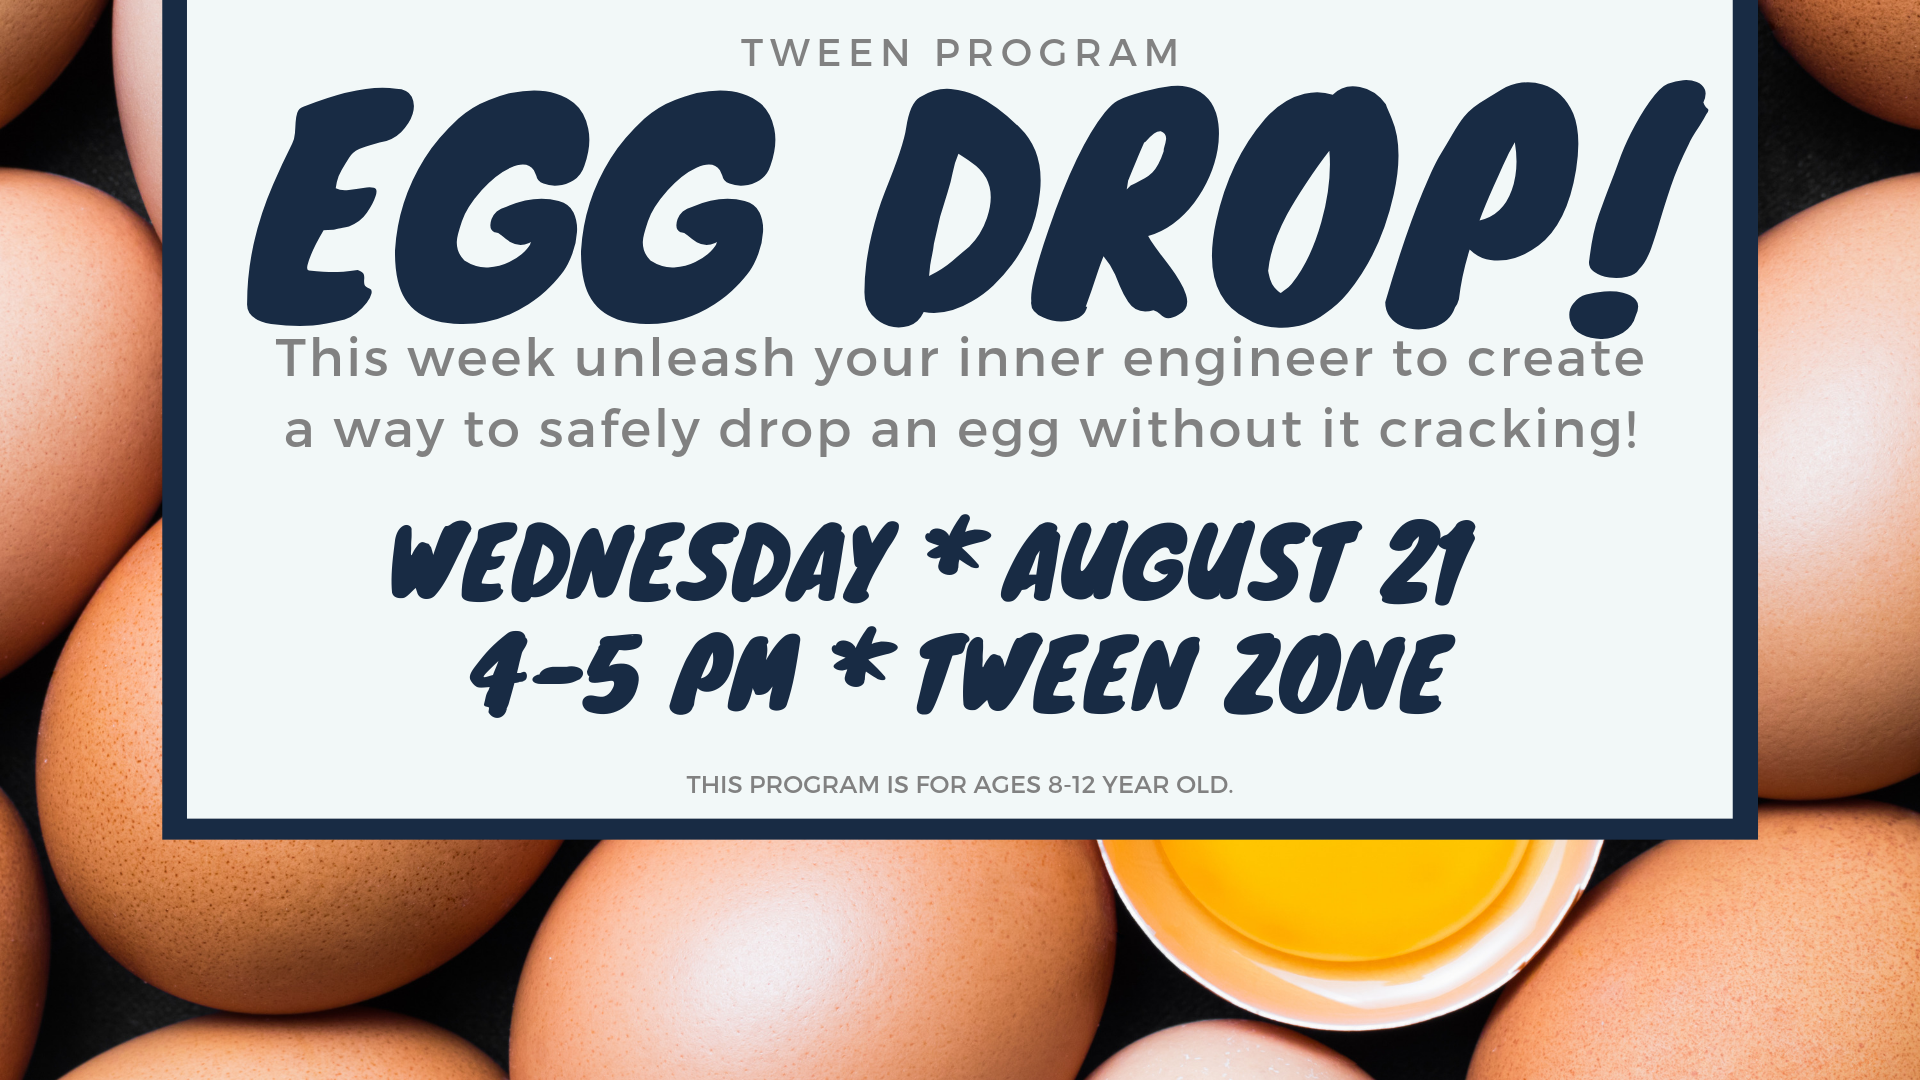 Tween Program: Egg Drop